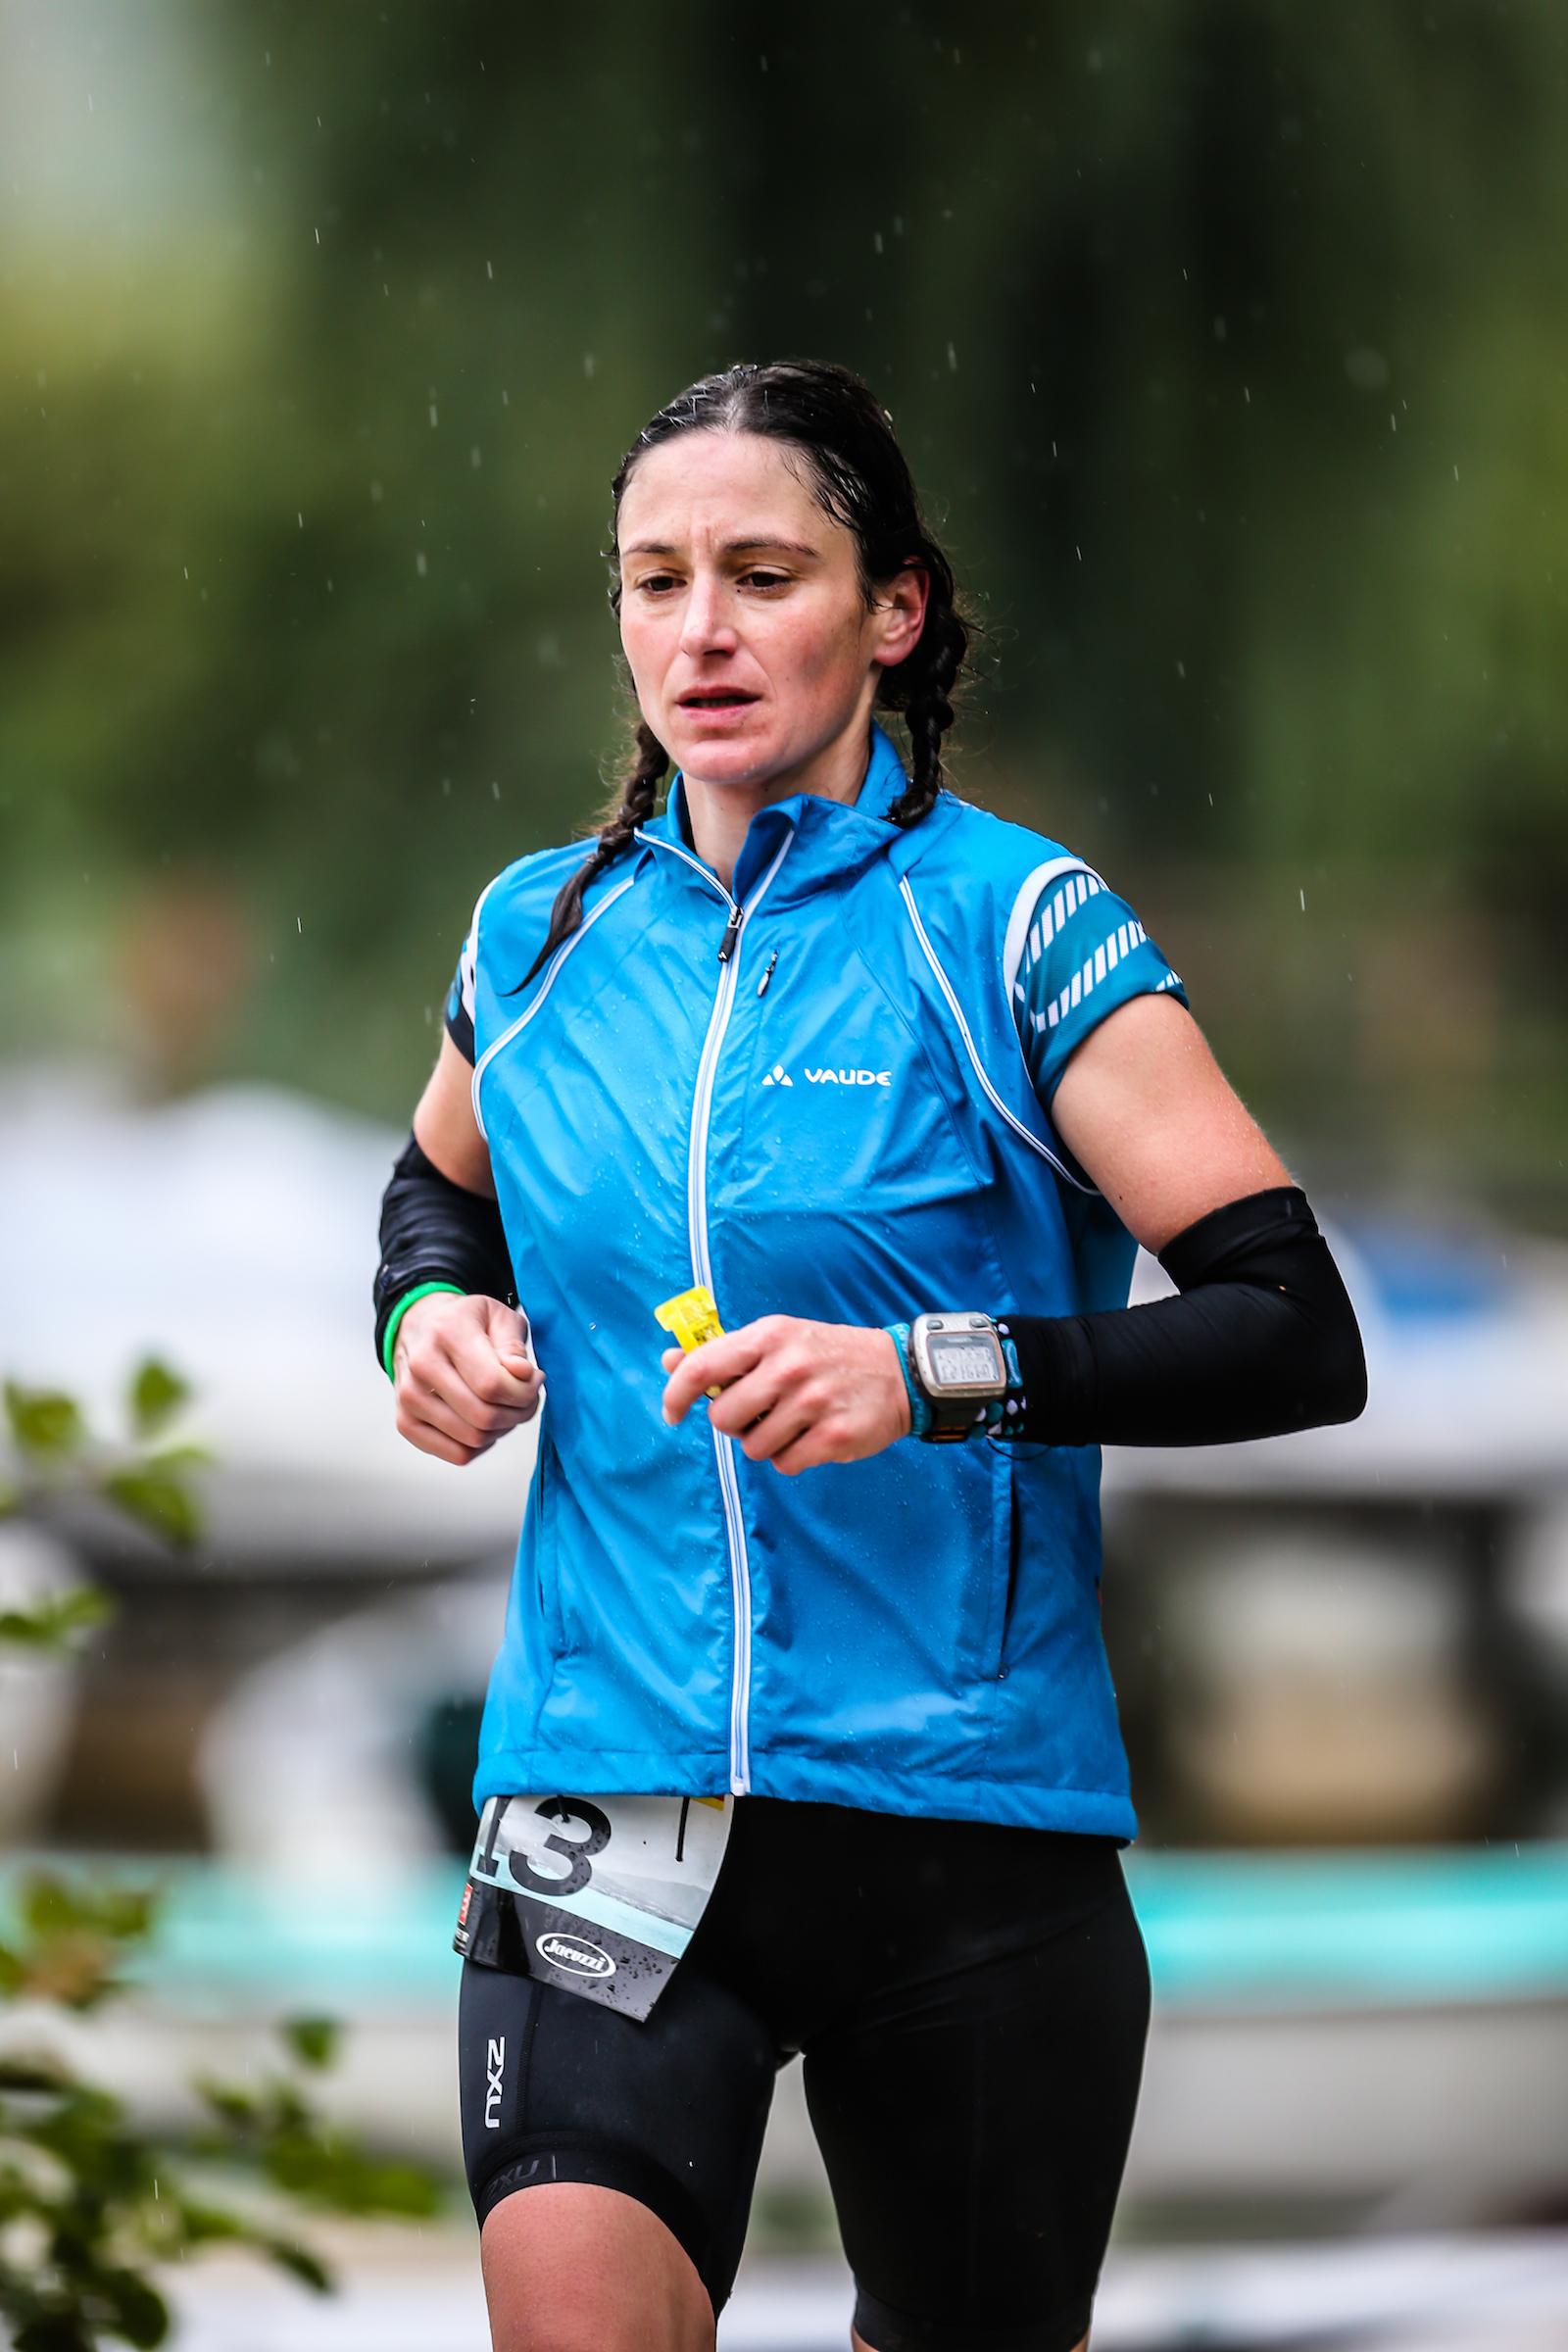 GRÜBER Almuth, vainqueur femme de l'AlpsMan @TRIMAX